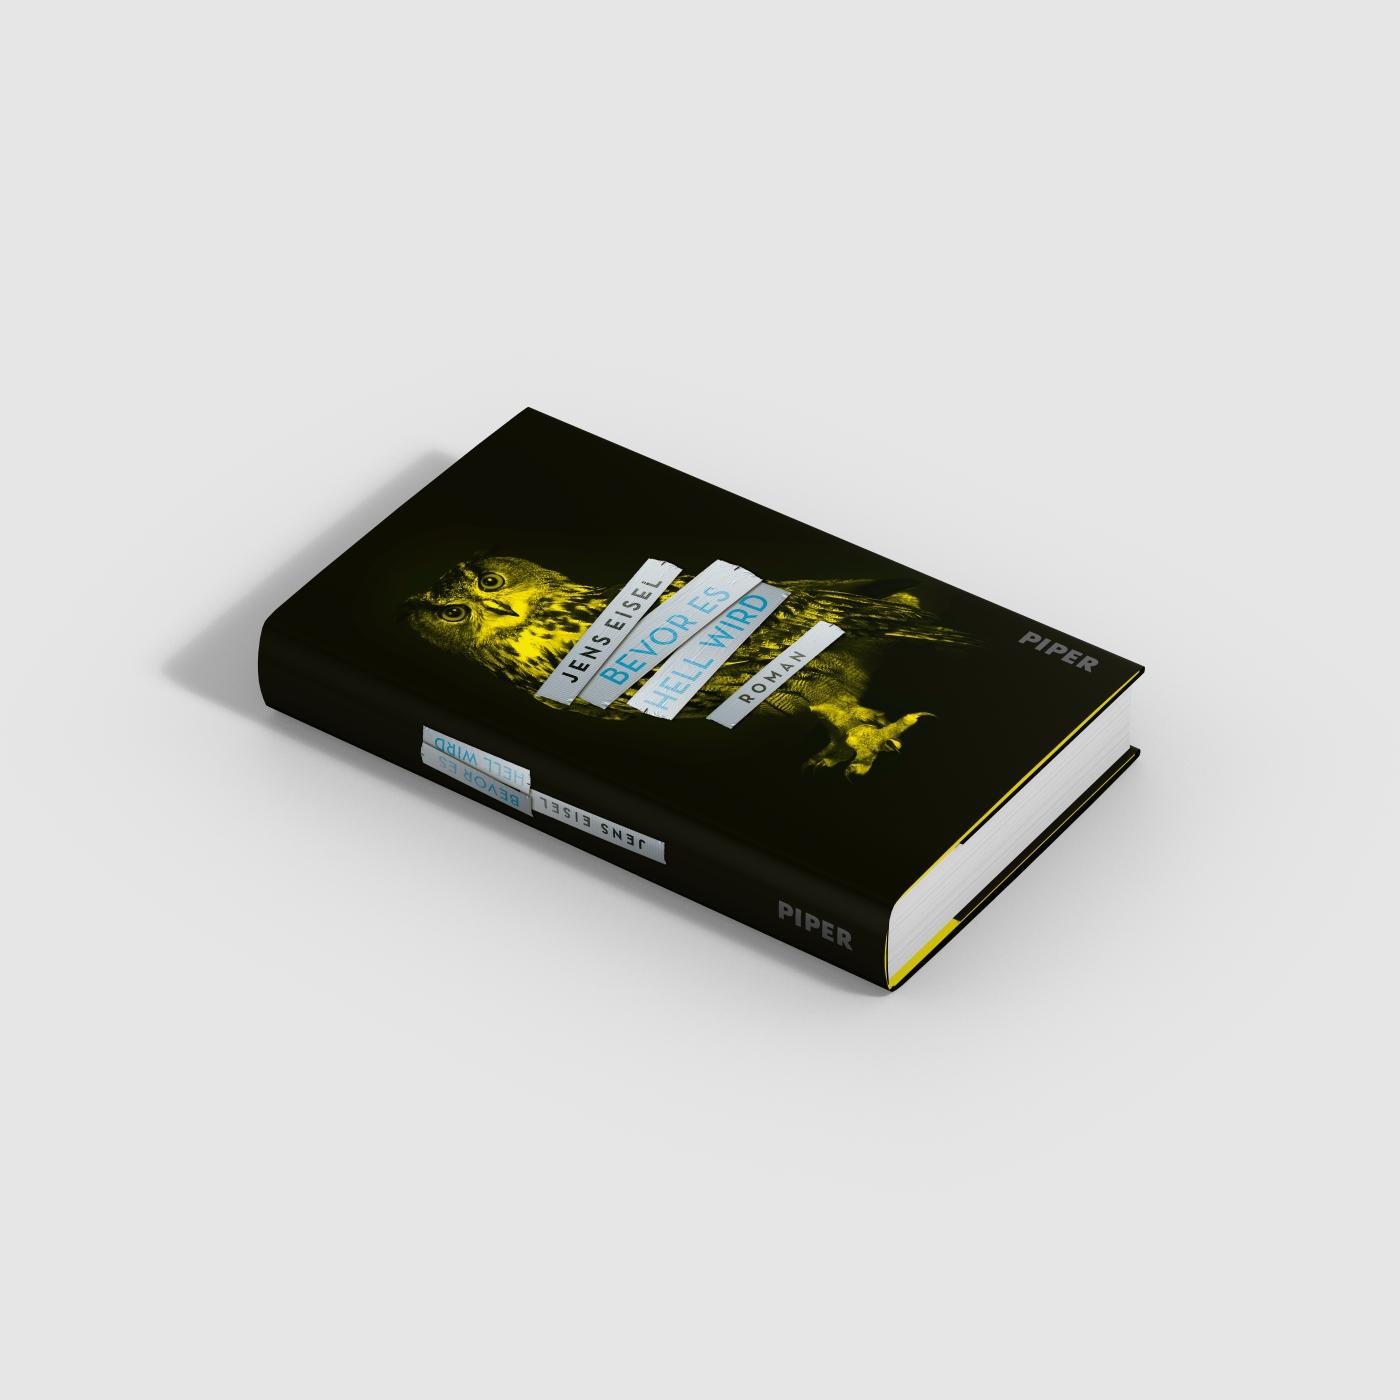 Jens Eisel * Bevor es hell wird * Piper Verlag * Buchcovergestaltung ZeroMedia, München